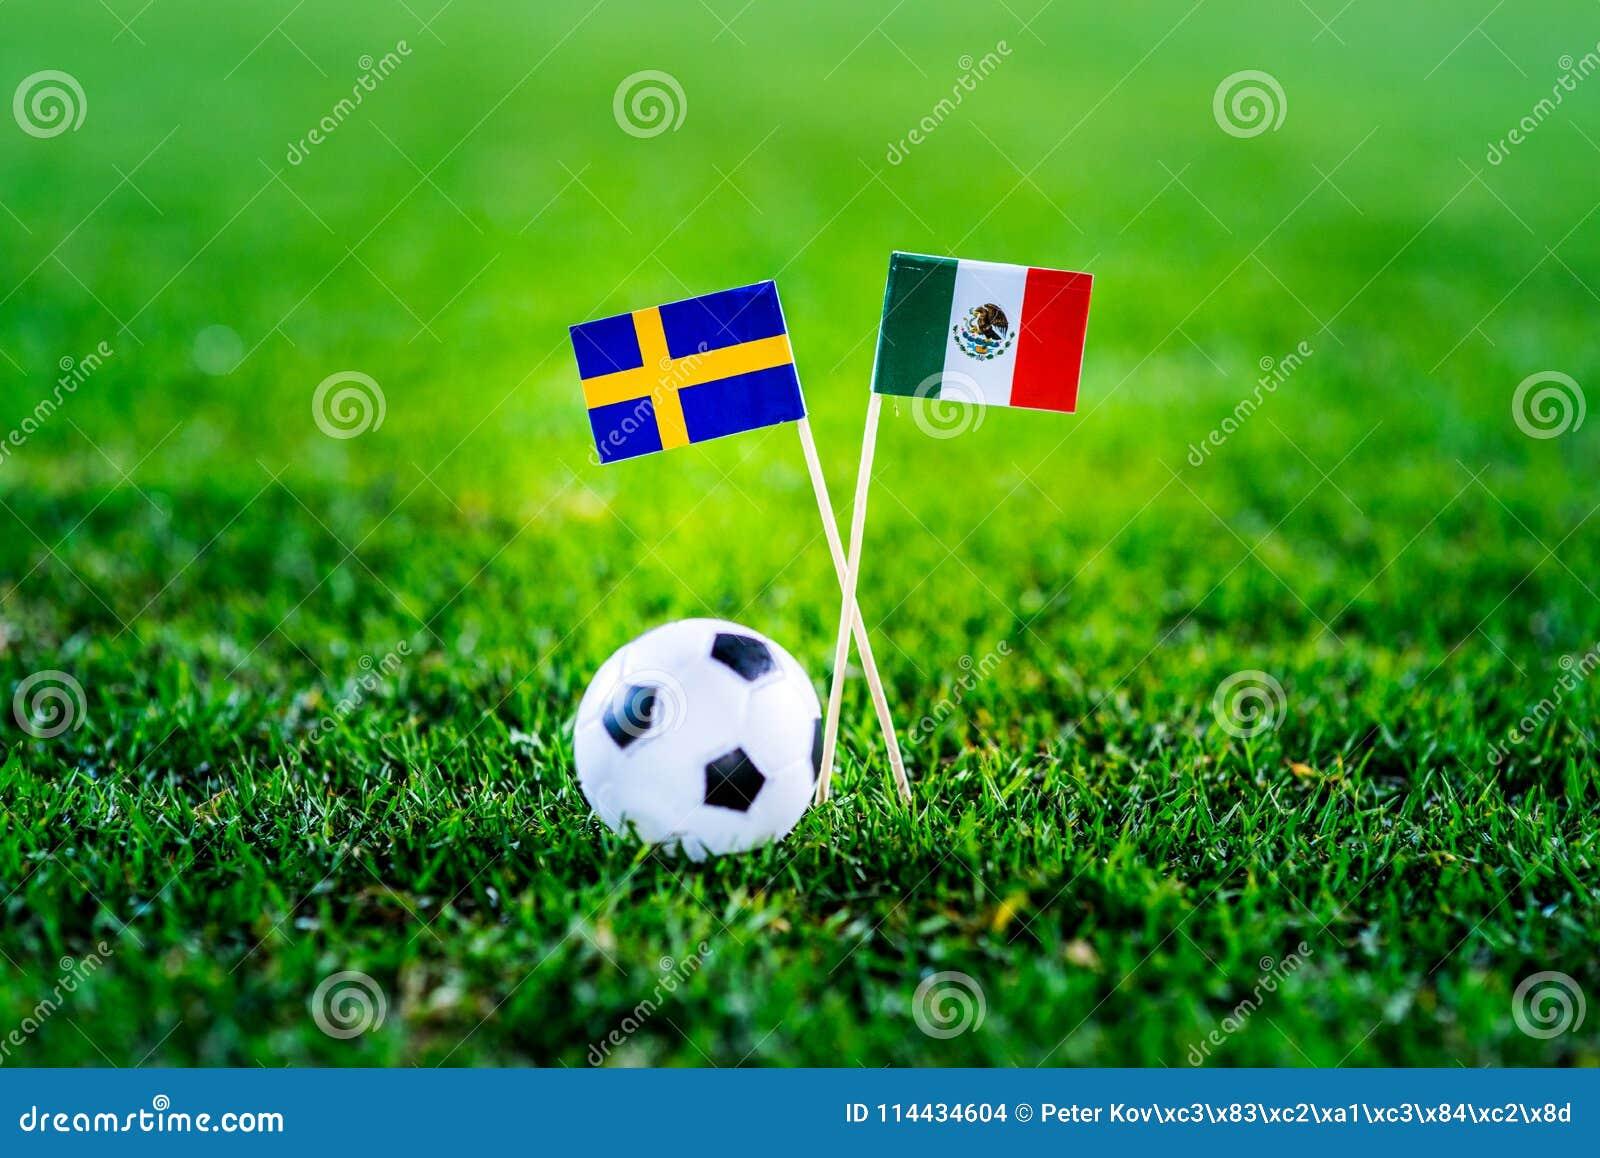 Μεξικό - Σουηδία, ομάδα Φ, Τετάρτη, 27 Ποδόσφαιρο Ιουνίου, Παγκόσμιο Κύπελλο, Ρωσία 2018, εθνικές σημαίες στην πράσινη χλόη, άσπρ